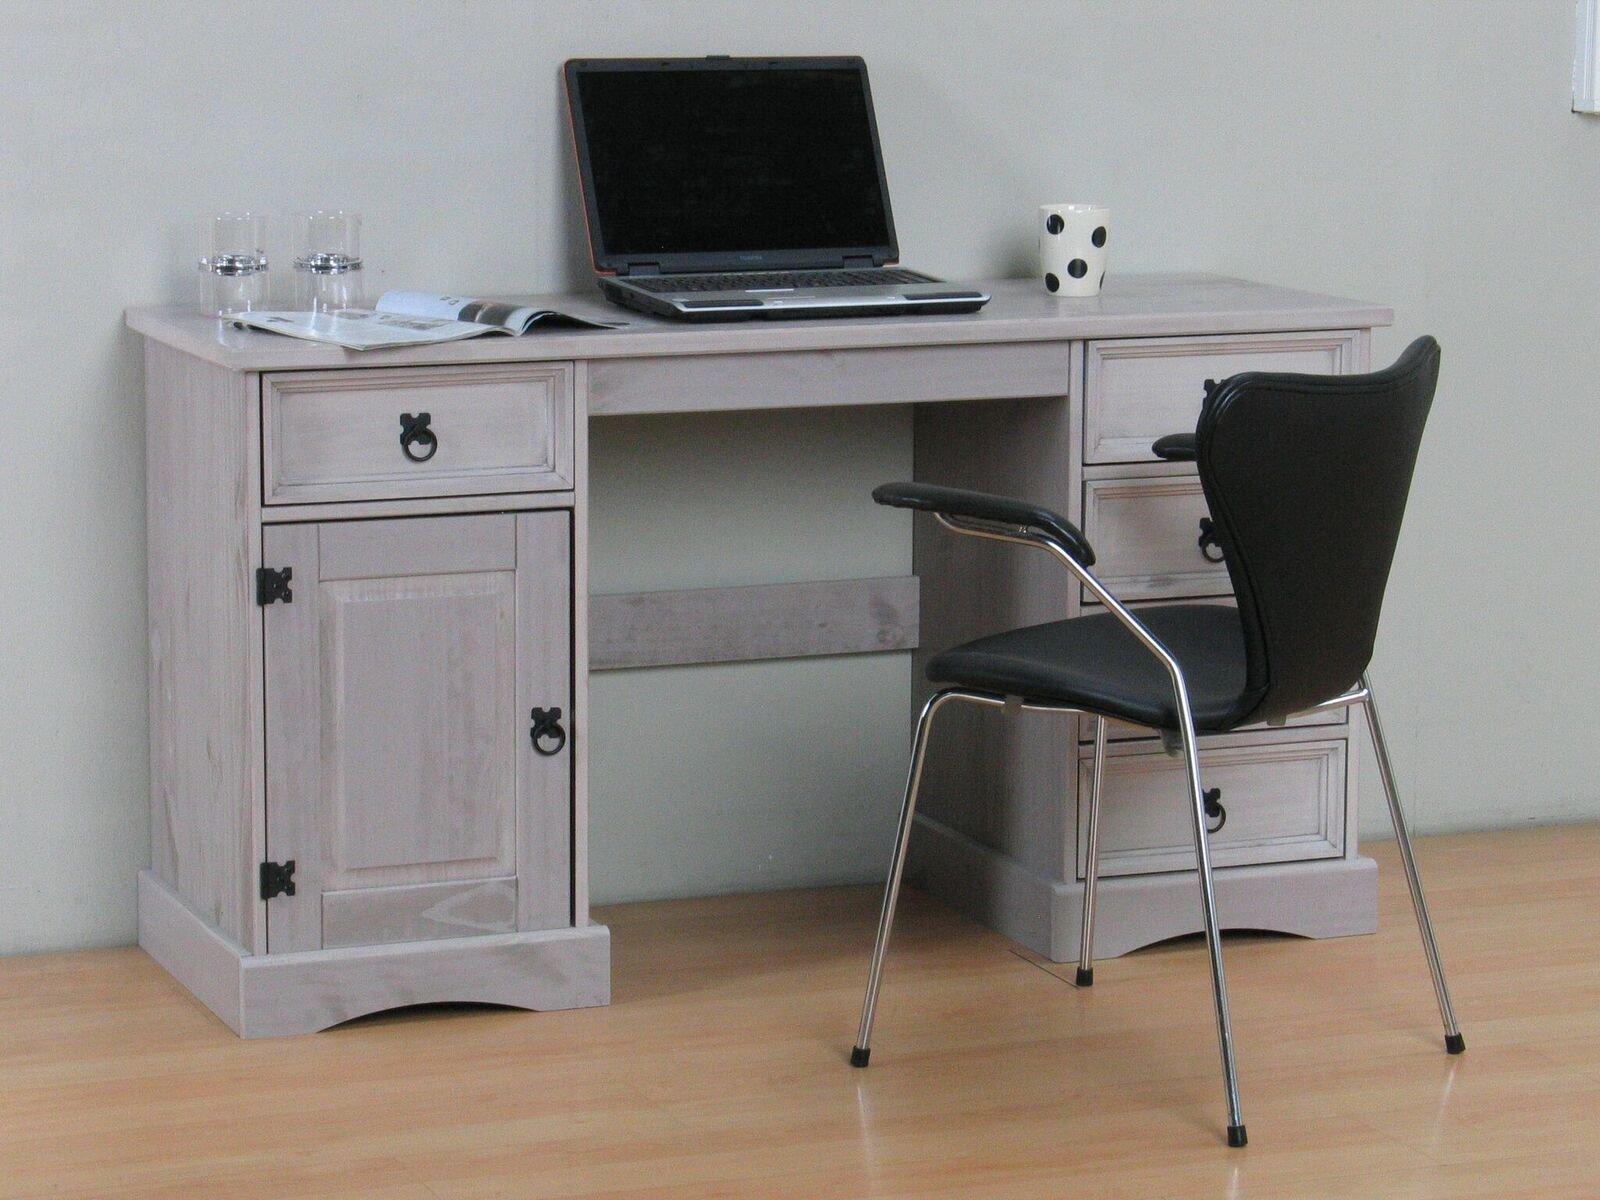 Schreibtisch new mexico kiefer massiv grau arbeitstisch for Pc schreibtisch kiefer